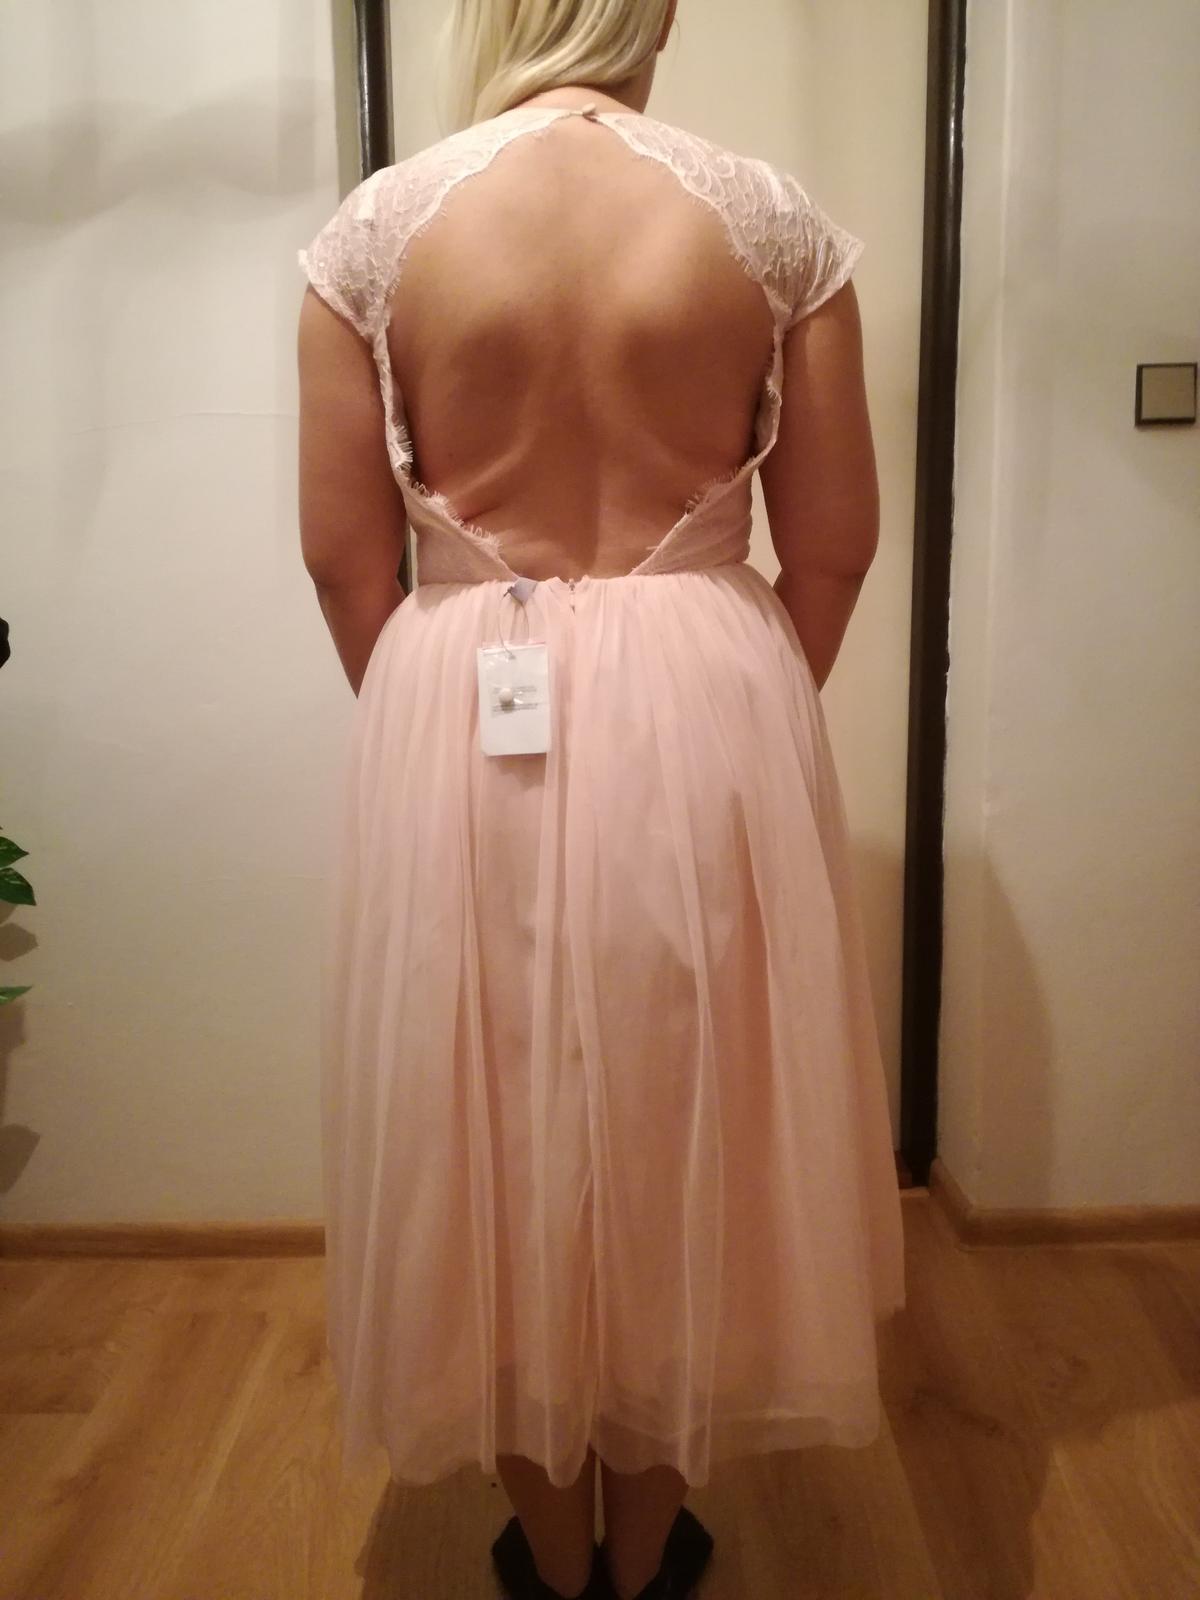 Staroružovē šaty veľkosti 10 - Obrázok č. 2